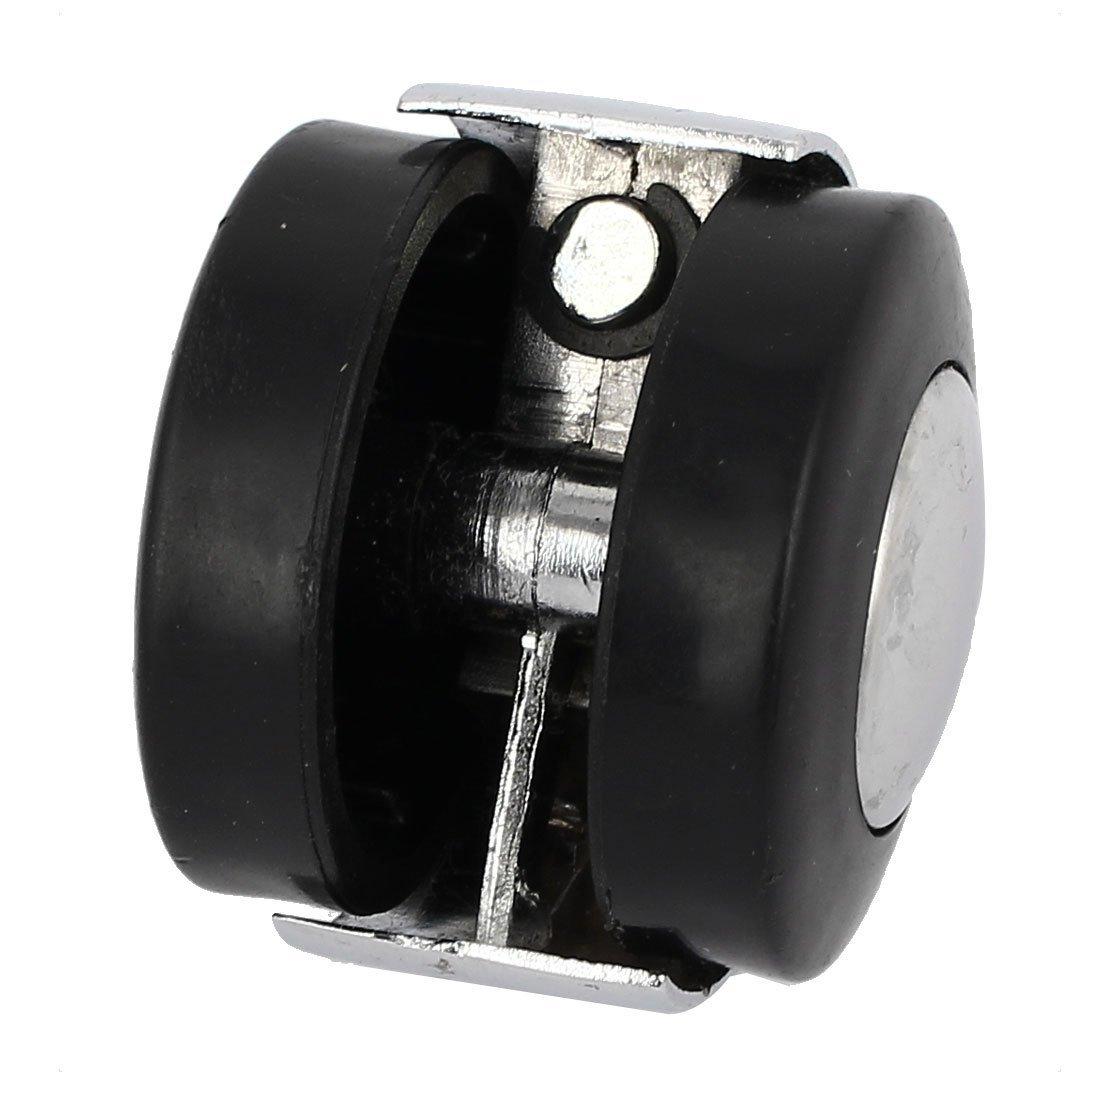 eDealMax 1, 5 pulgadas de diámetro 8 mm Rueda Hilo de aleación de zinc Rotary giratoria de Freno: Amazon.com: Industrial & Scientific